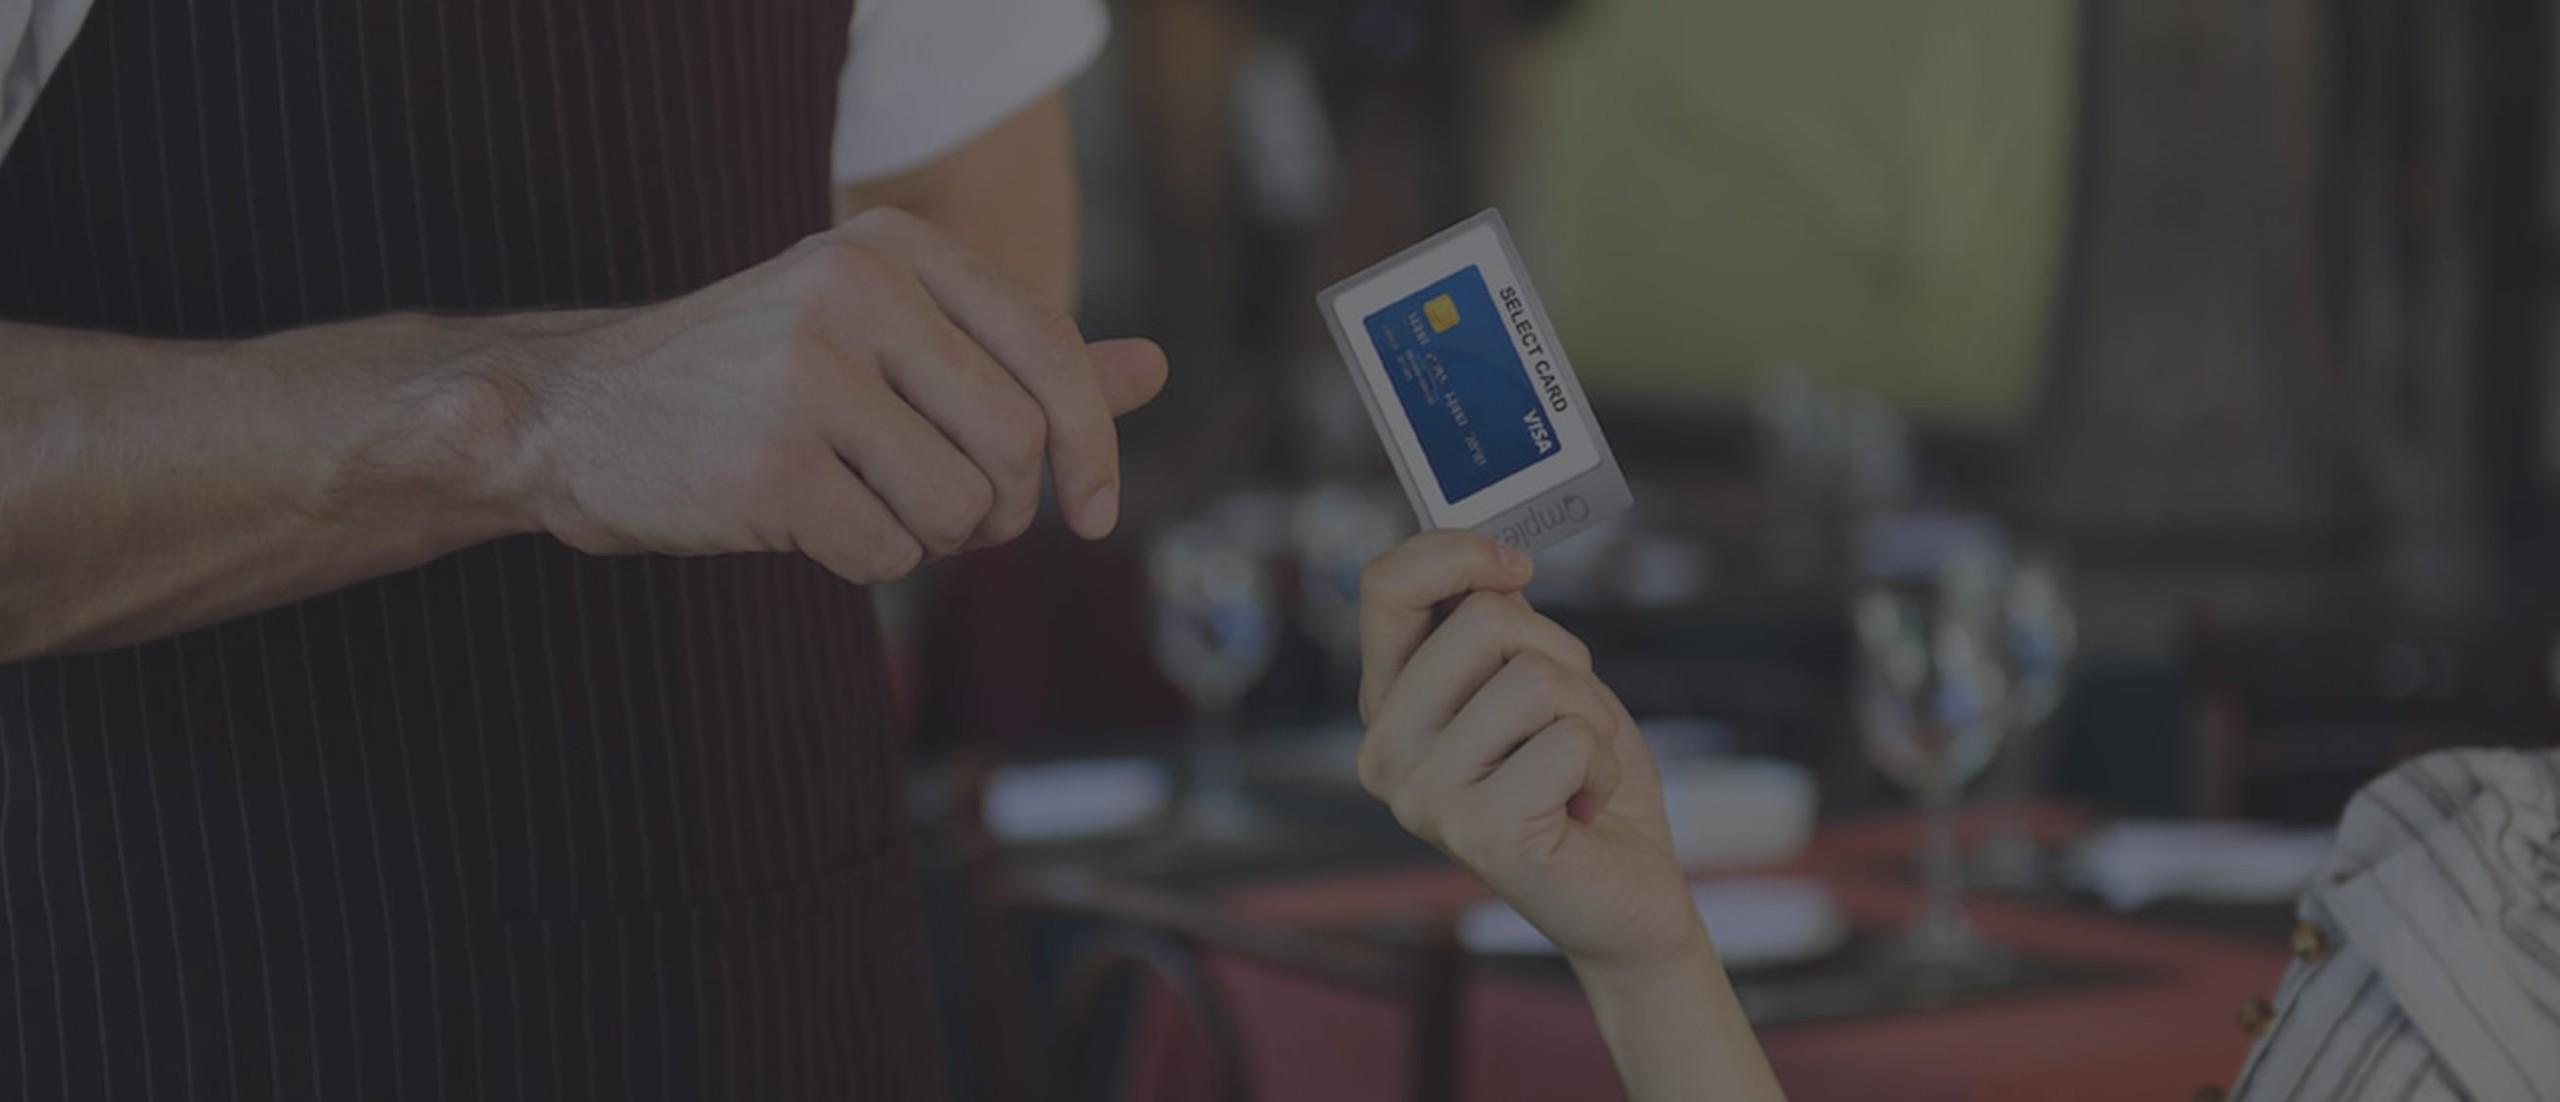 Qmplete Smart Digital Wallet